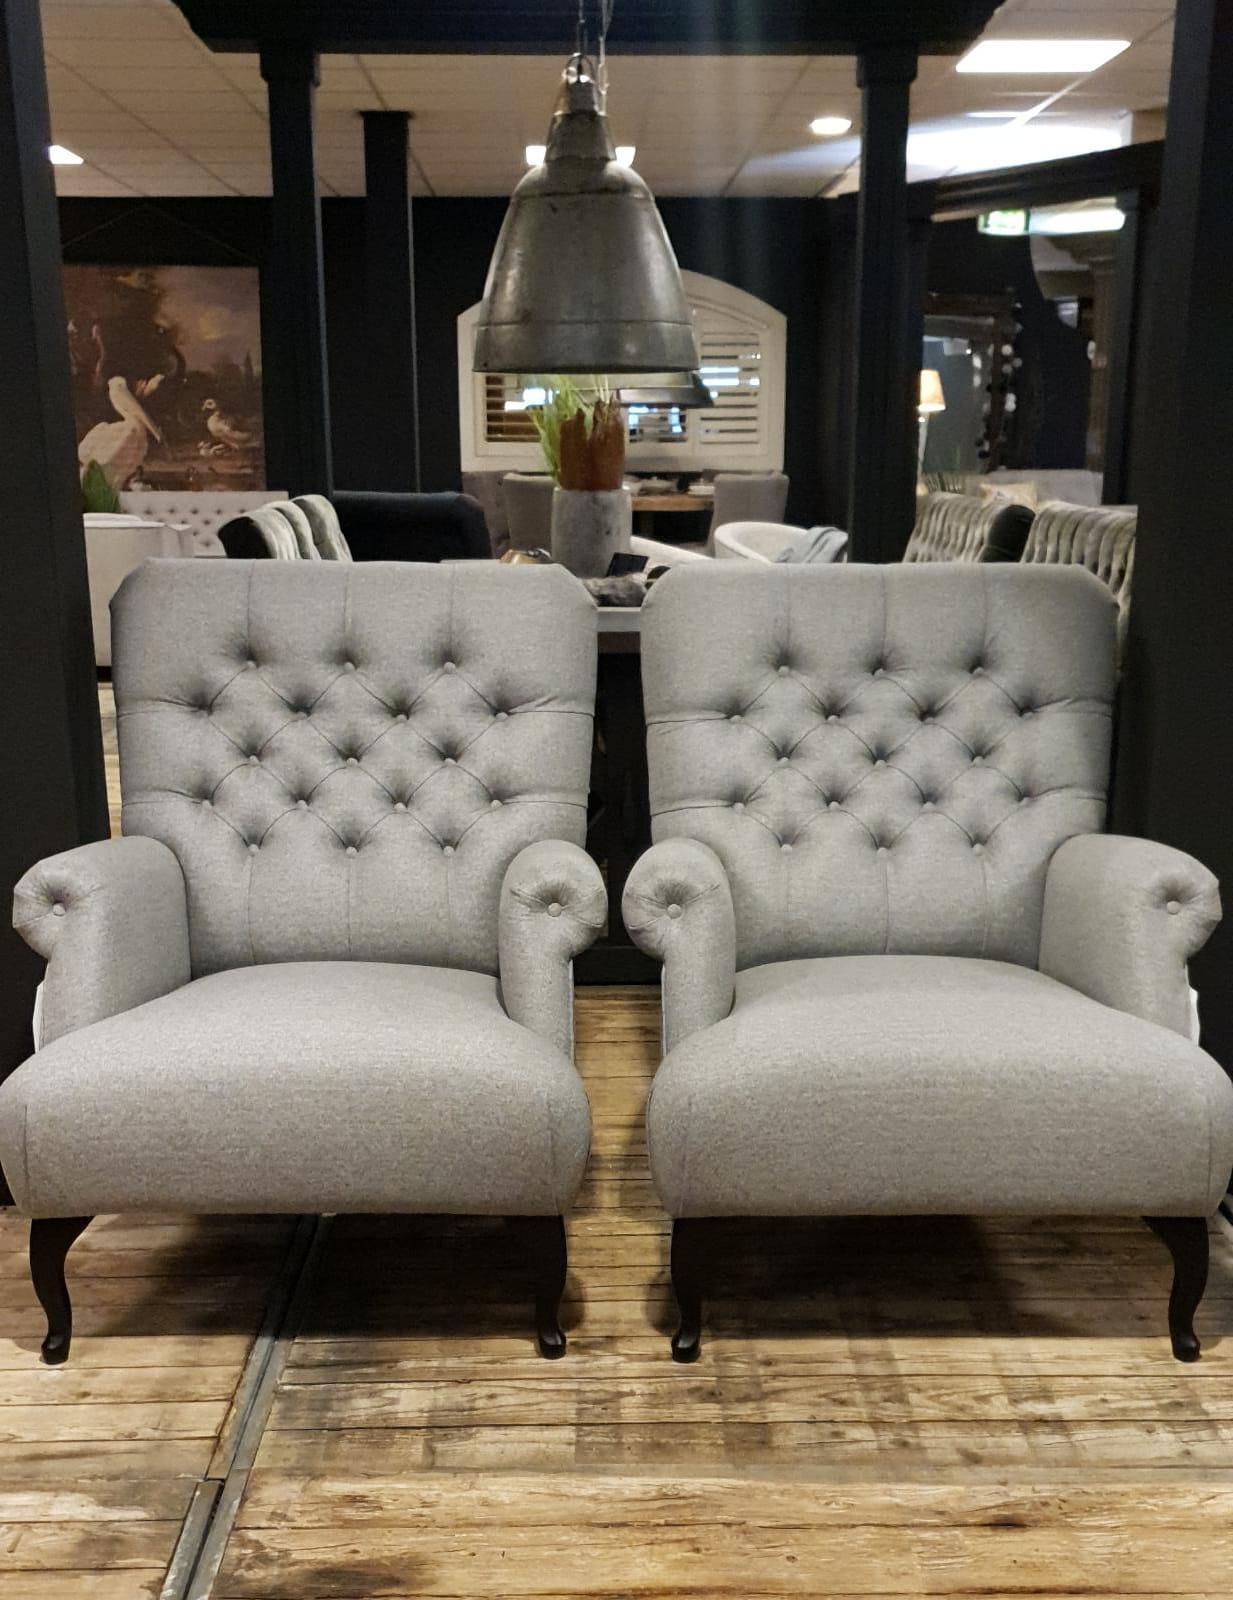 Landelijke zitmeubelen met knopen. Gecapitonneerde grijze fauteuils van stof.